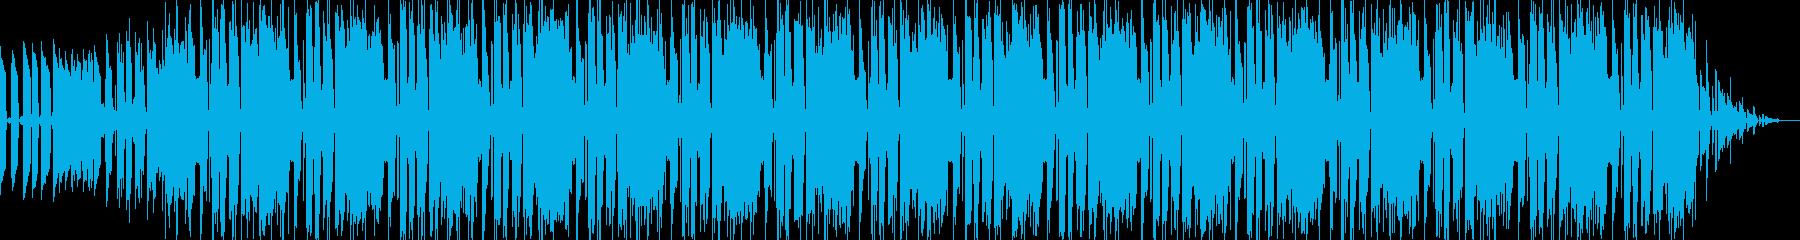 EDM系BGM1の再生済みの波形